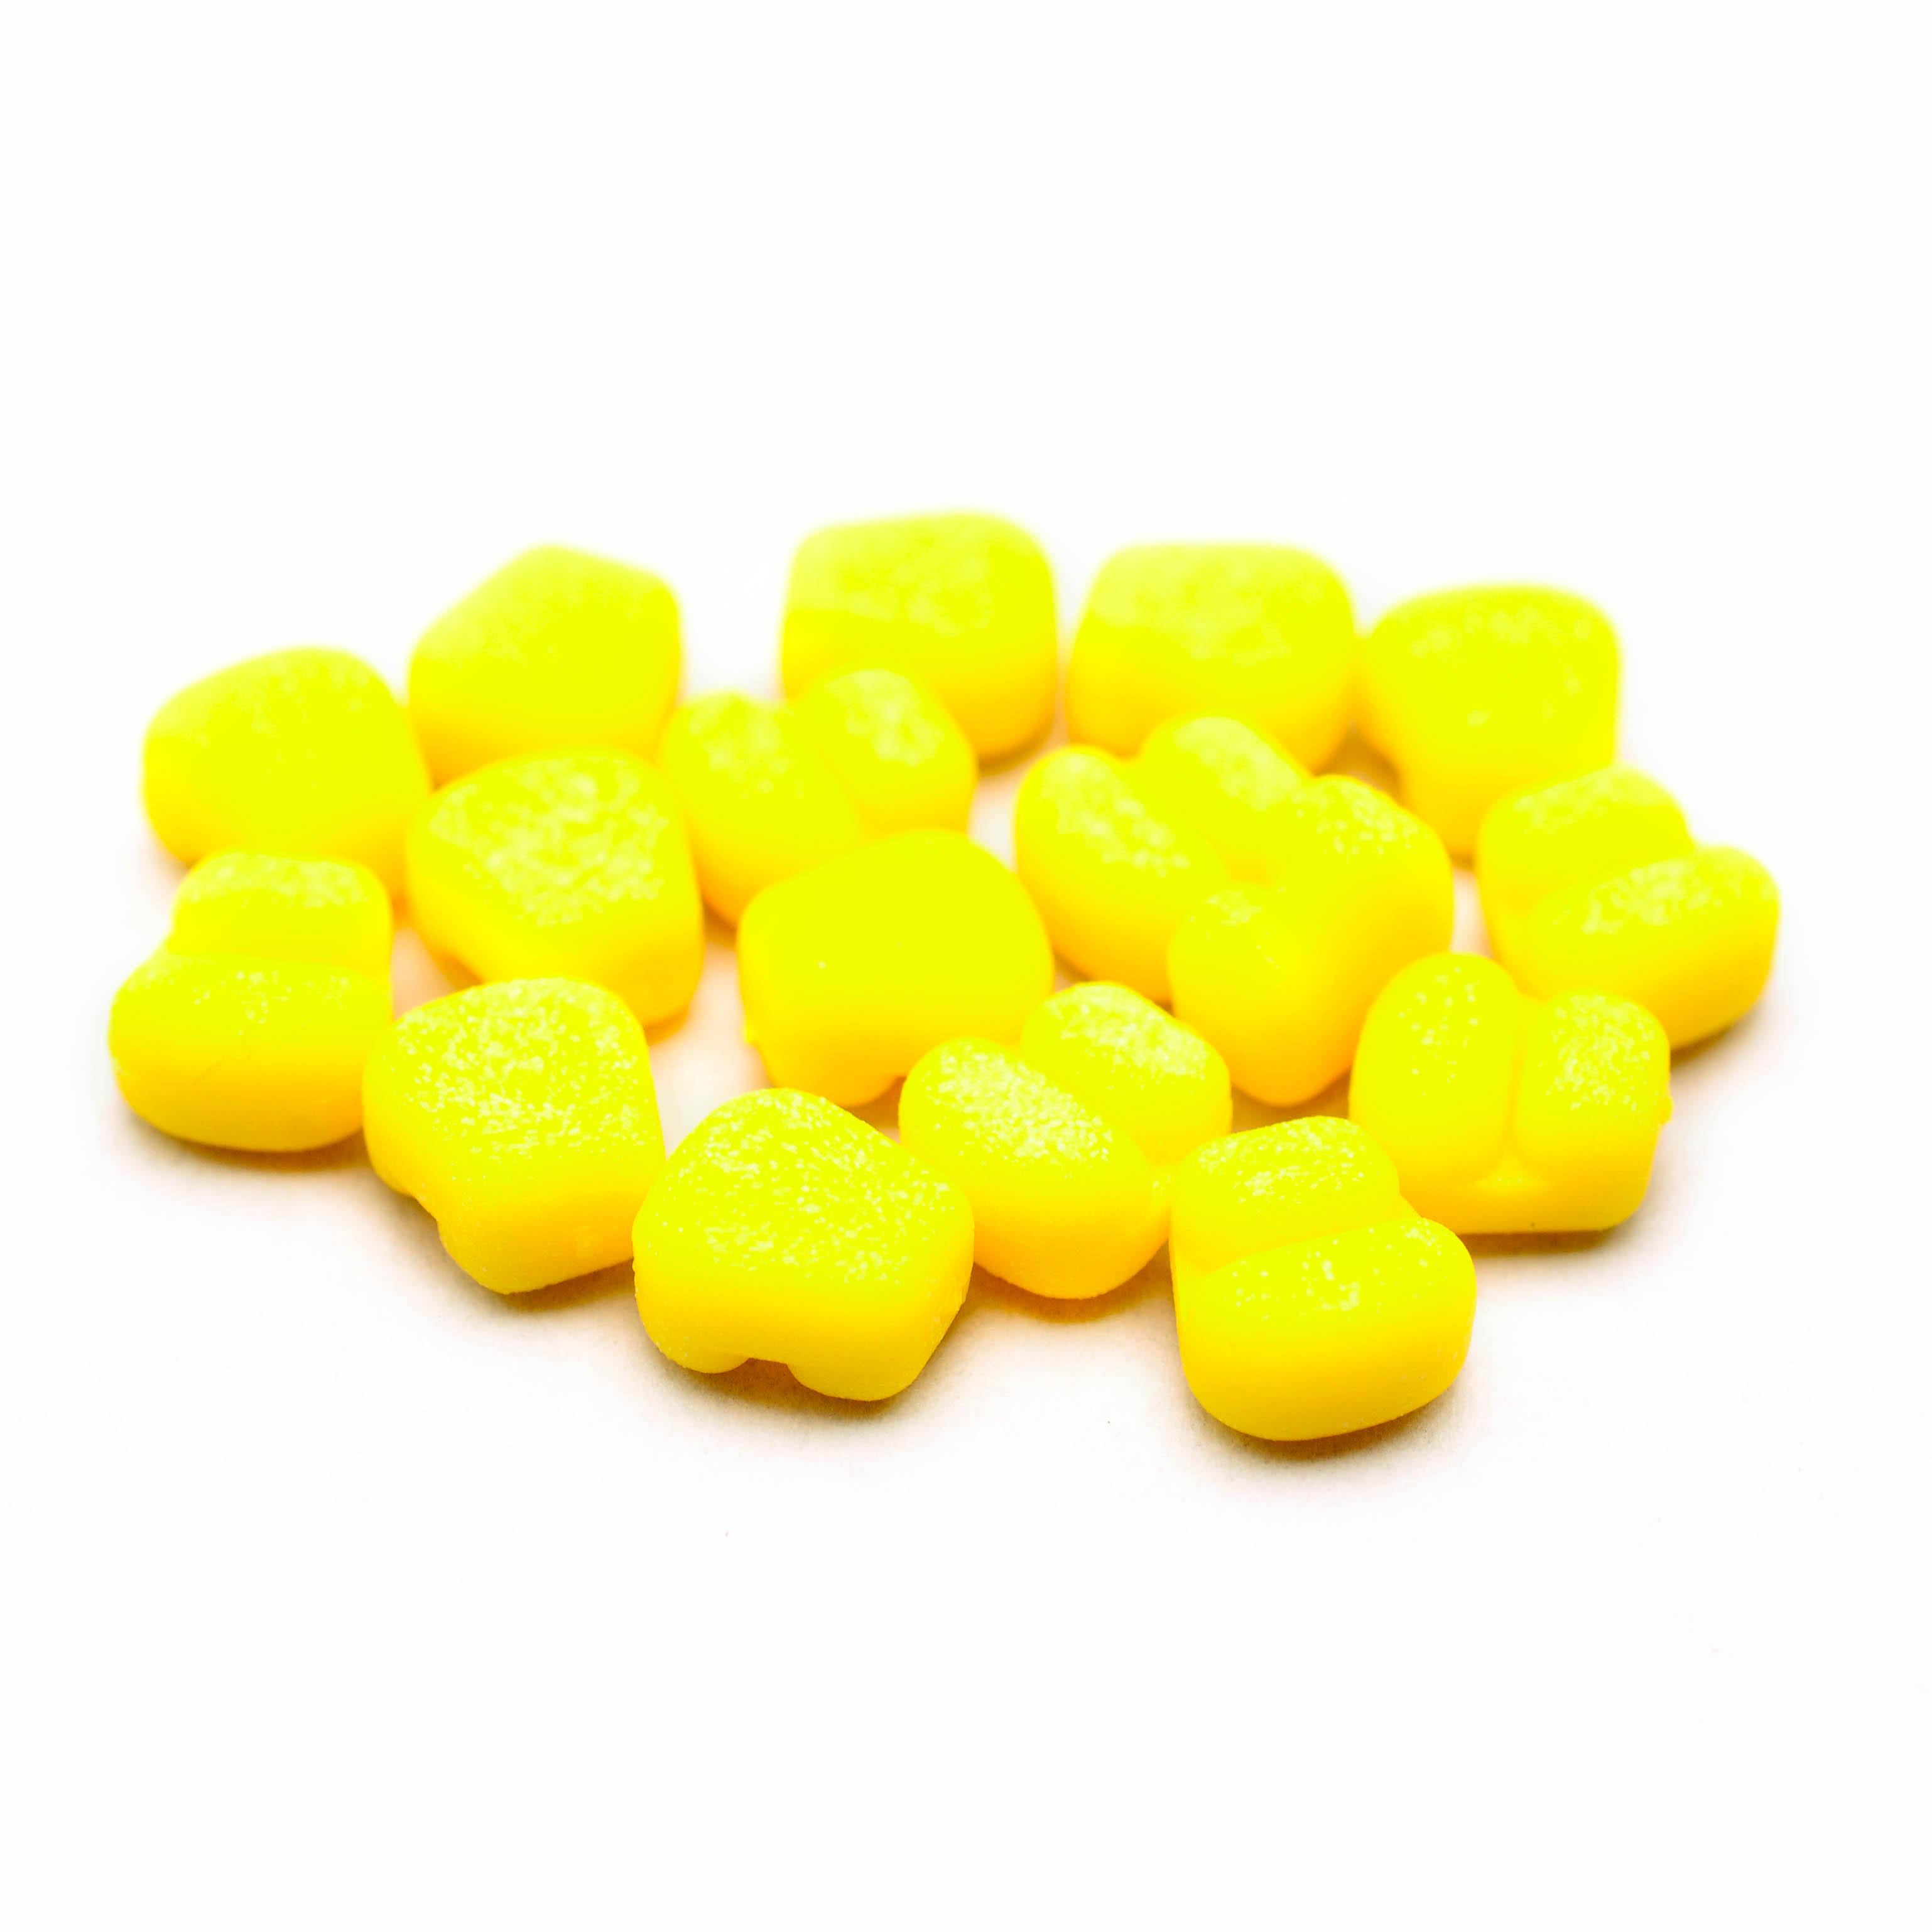 Enterprise kukuřice - Vlasová zarážka žlutá 20ks